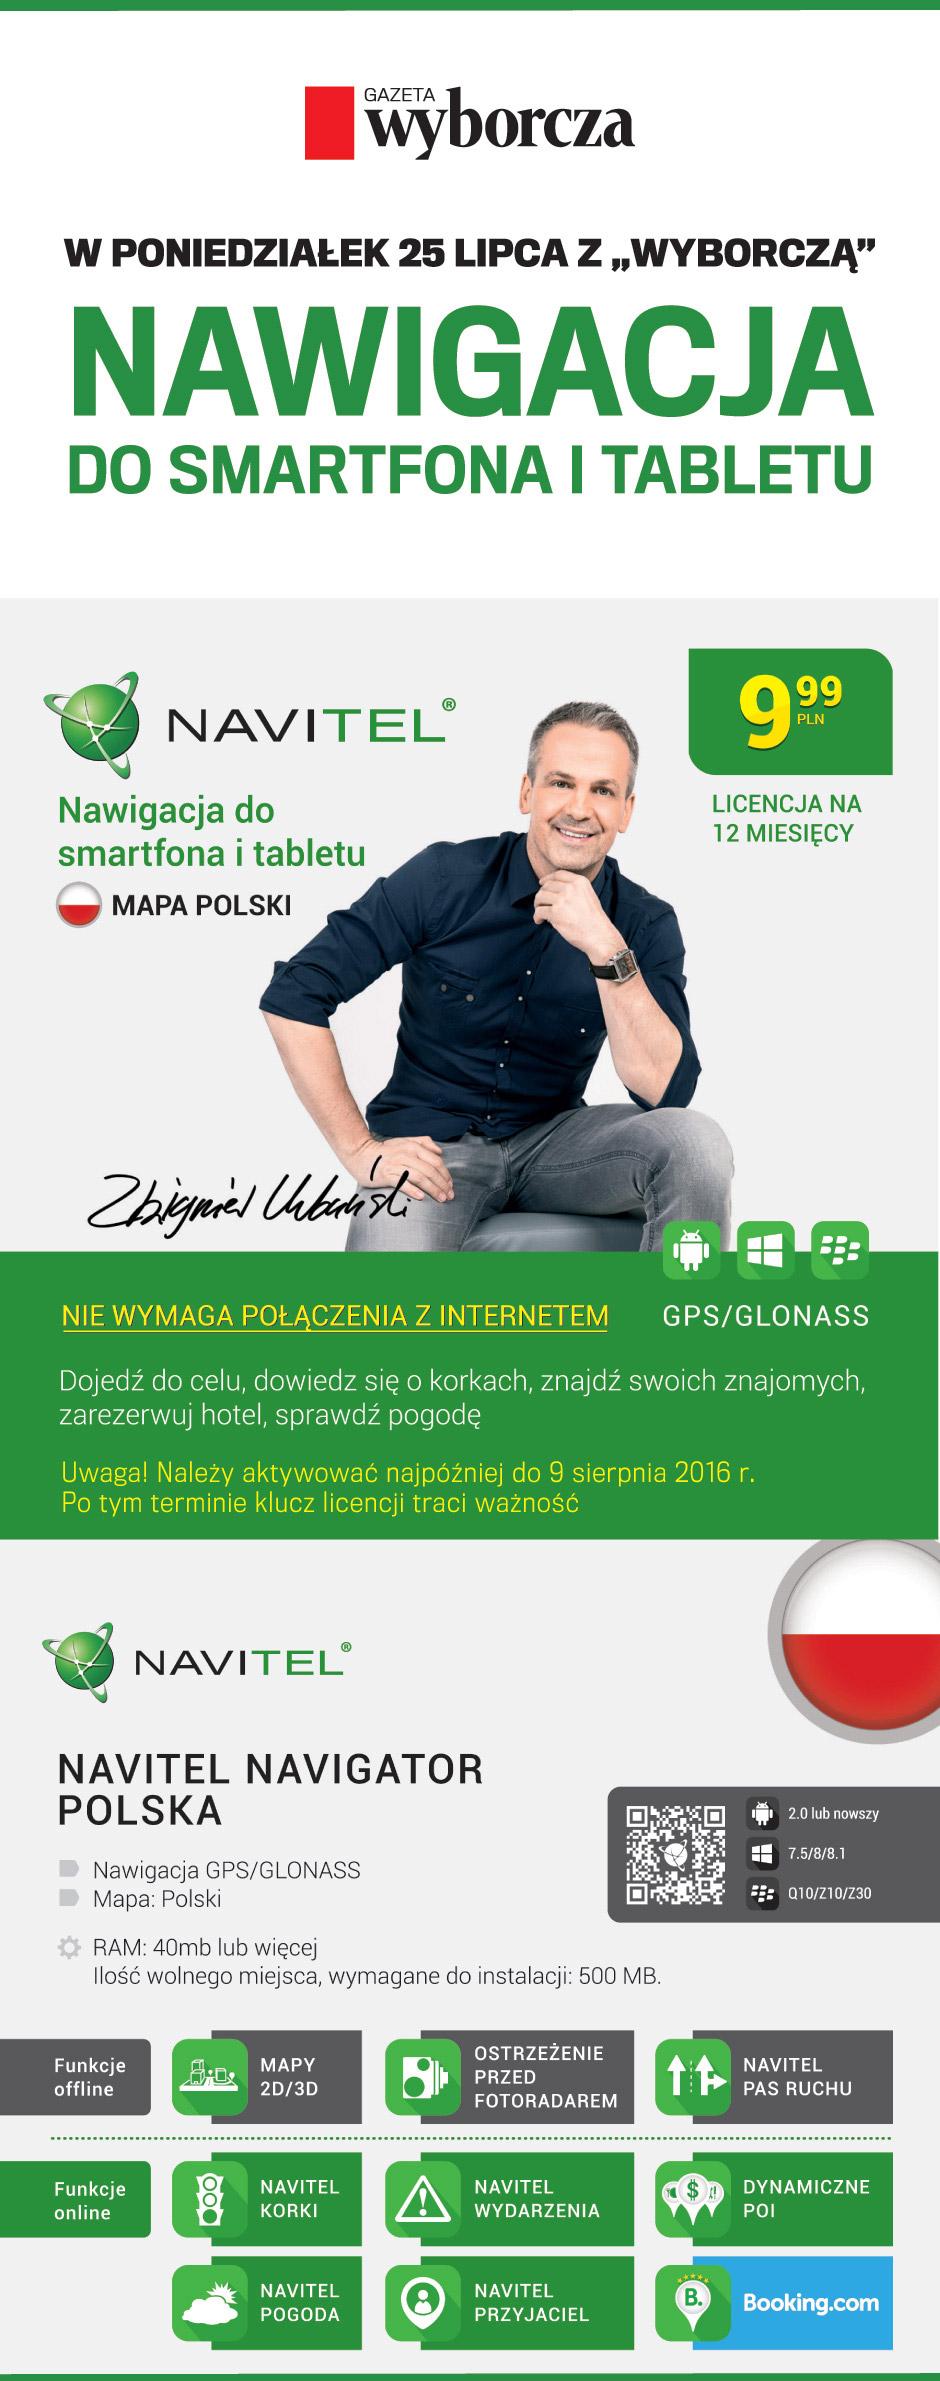 Nawigacja Navitel Navigator Polska - licencja na 12 miesięcy za 9,99PLN @ GW